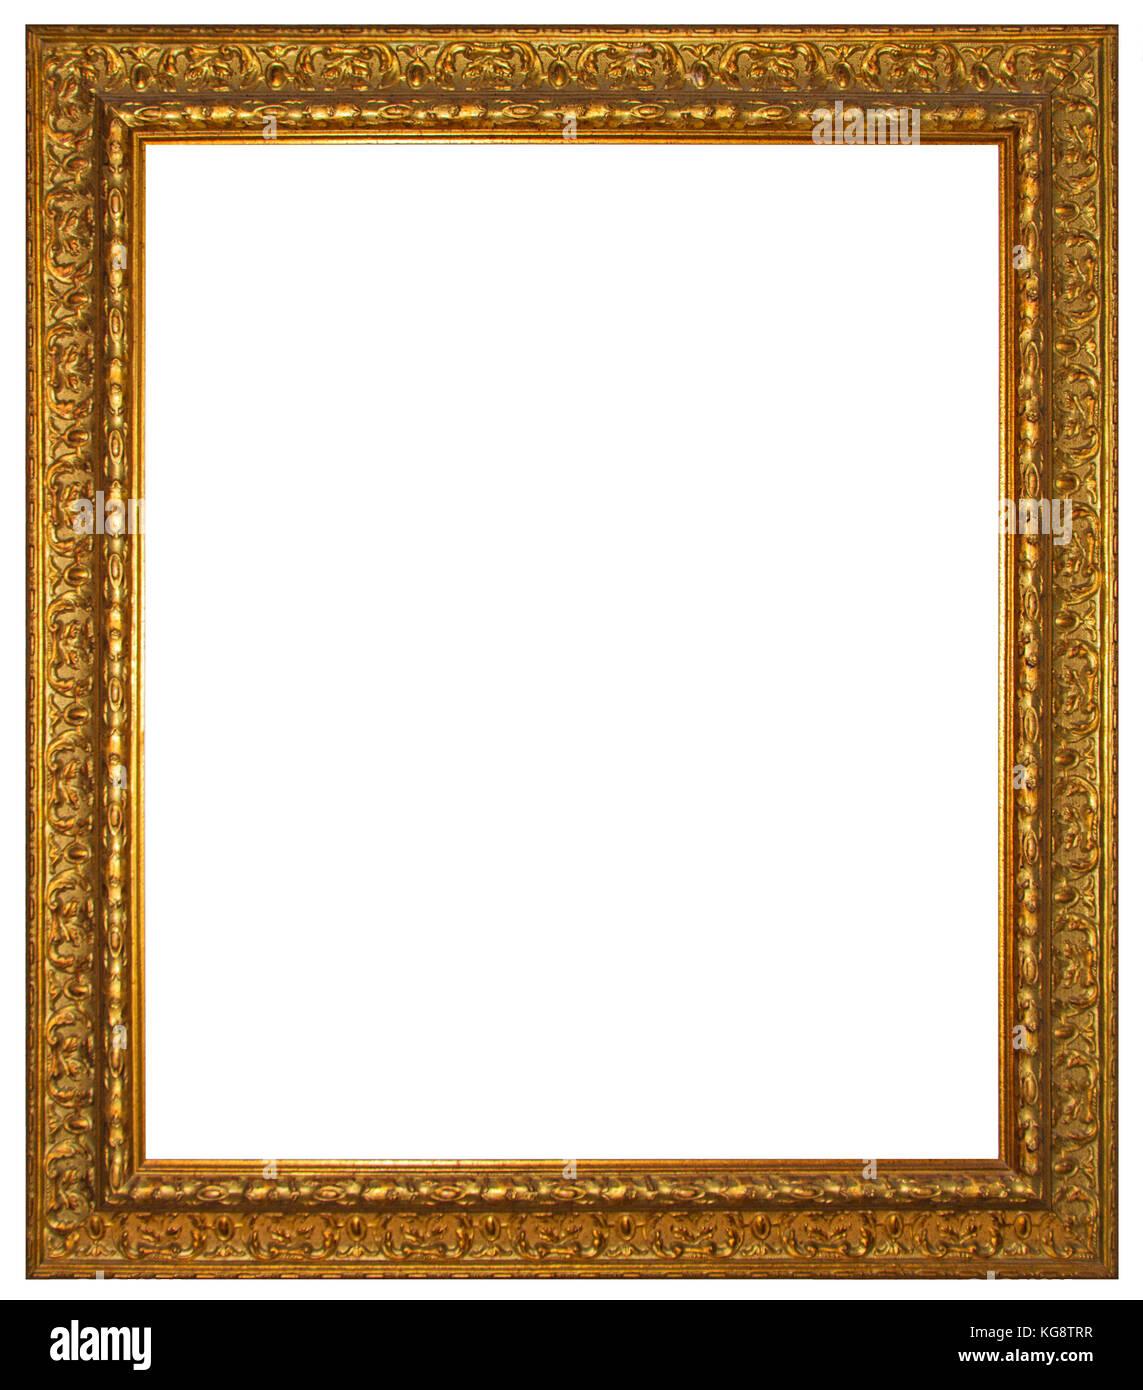 Oro marco de madera para pintar o imagen aislada sobre fondo blanco ...